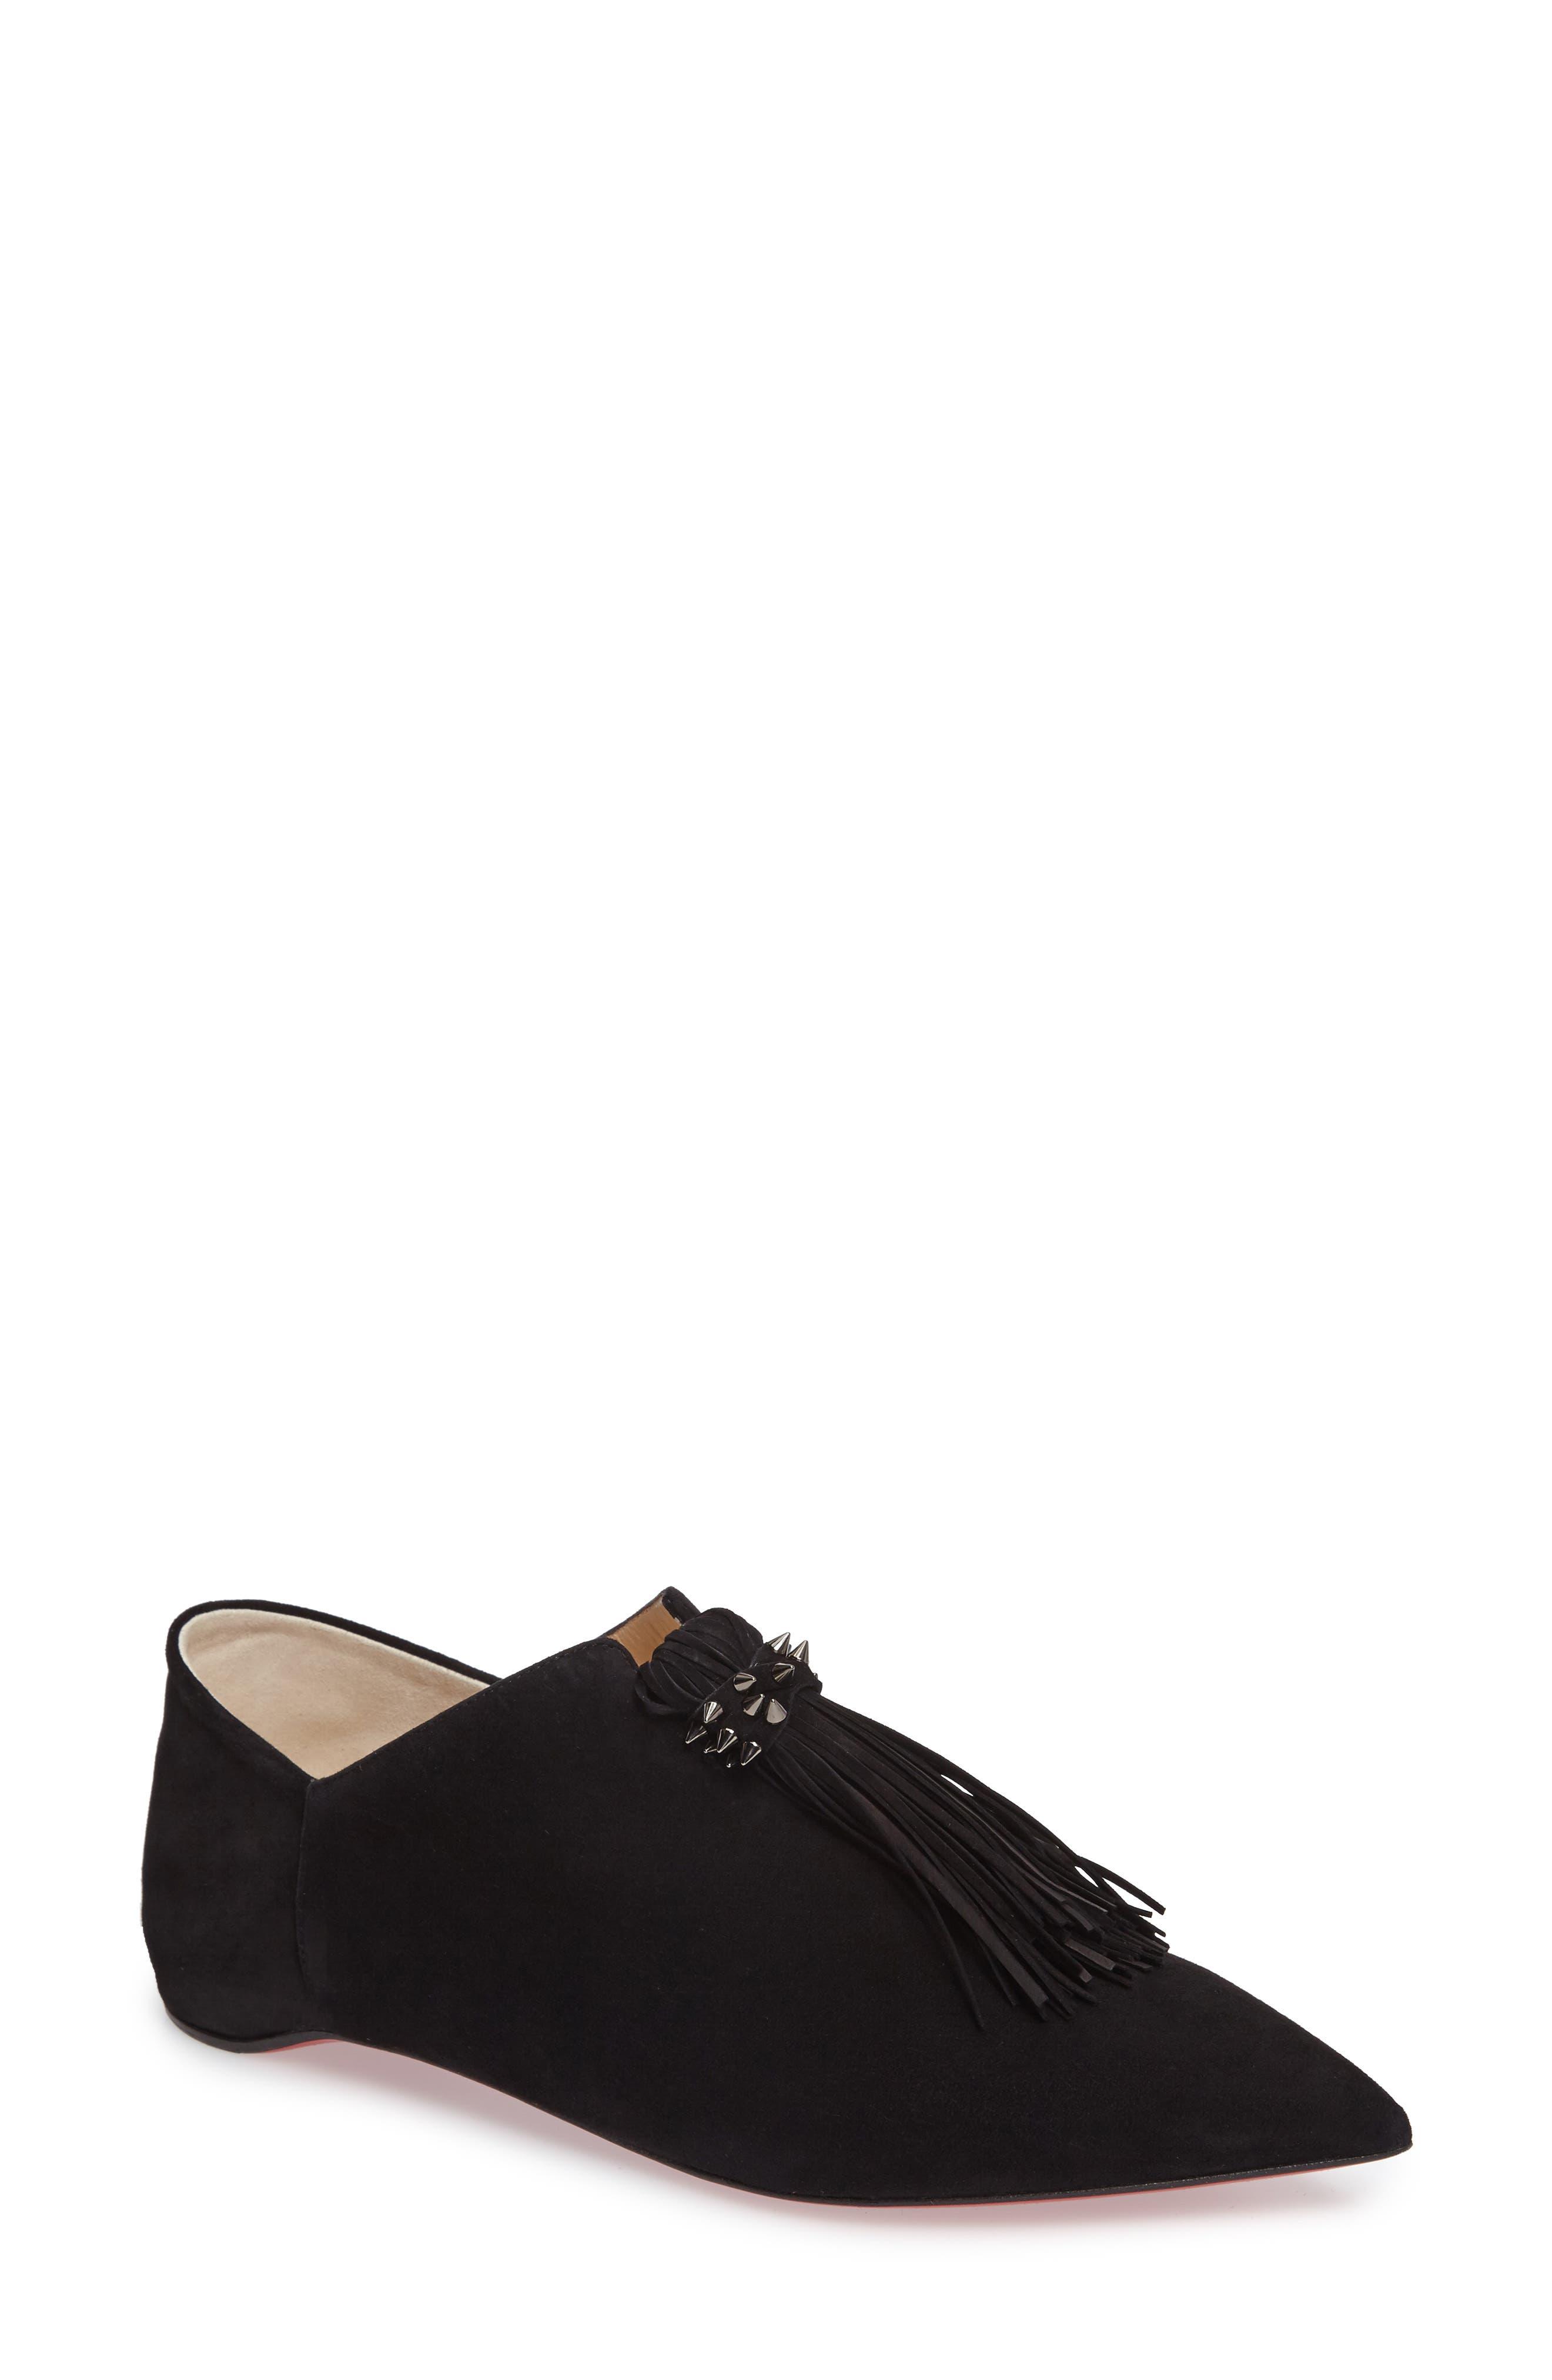 Medinana Convertible Loafer,                             Main thumbnail 1, color,                             001